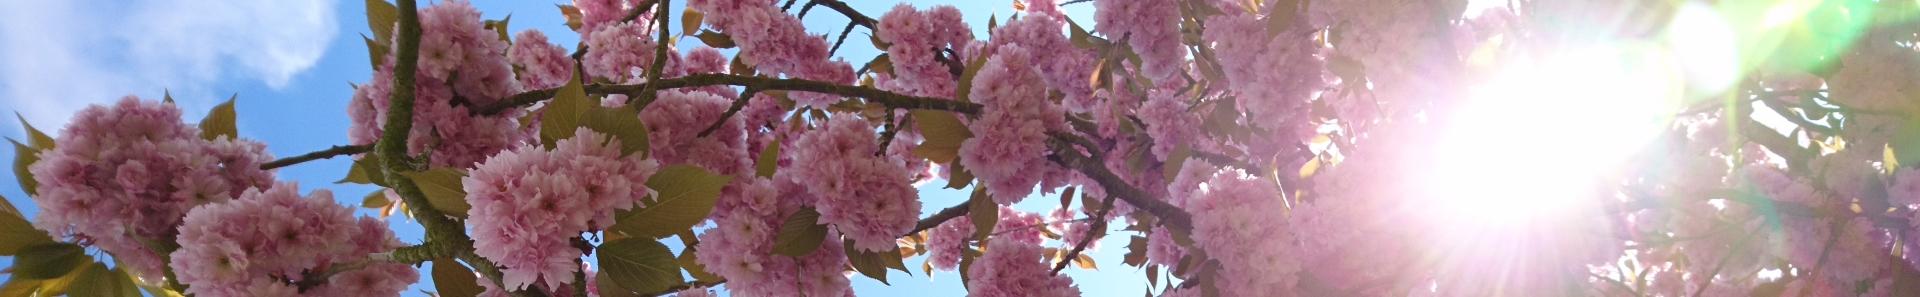 Banner - Kirschblüten